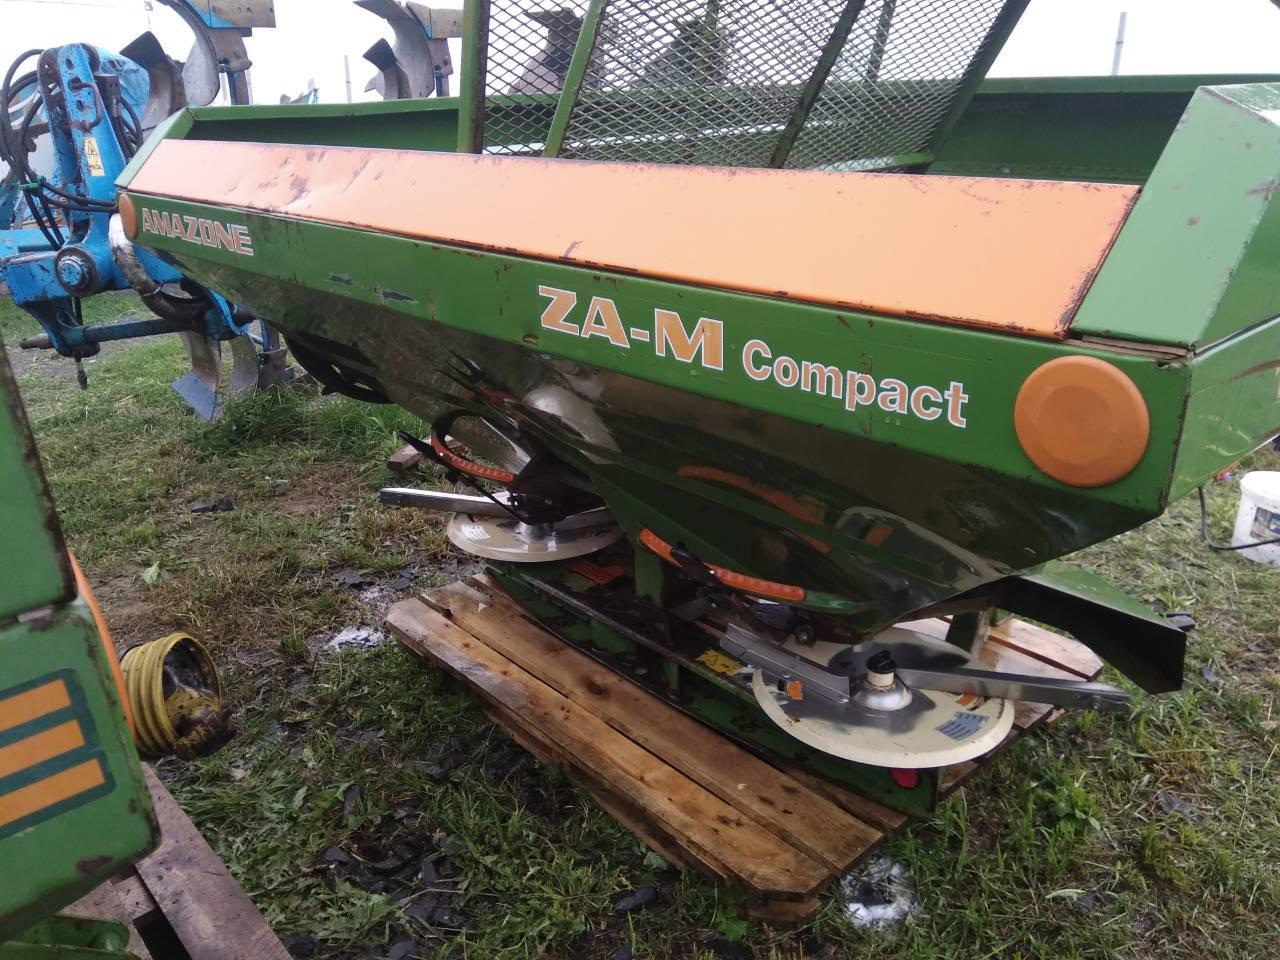 Розкидач миндобрыв AMAZONE ZA-M-COMPACT 1000-1500 кг., фото 1